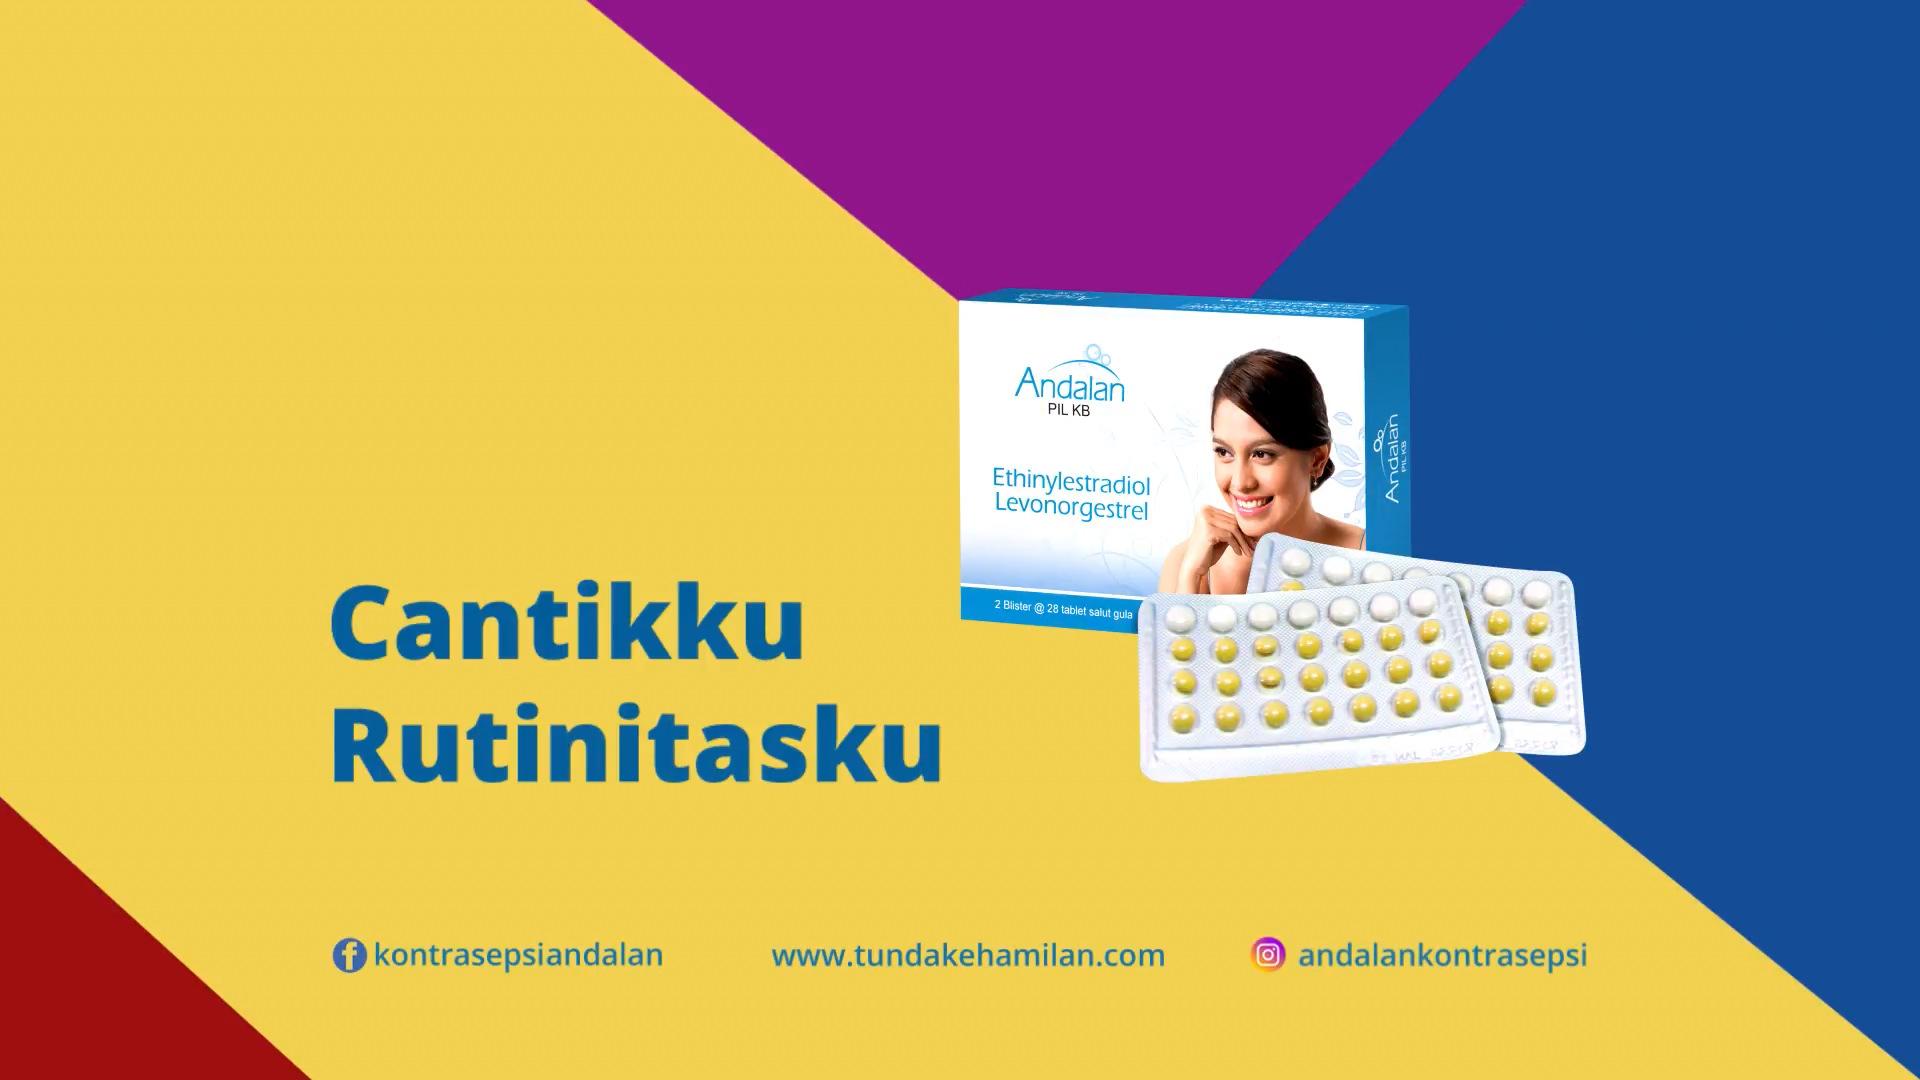 Andalan - Moth3rs.com - Cantikku Rutinitasku